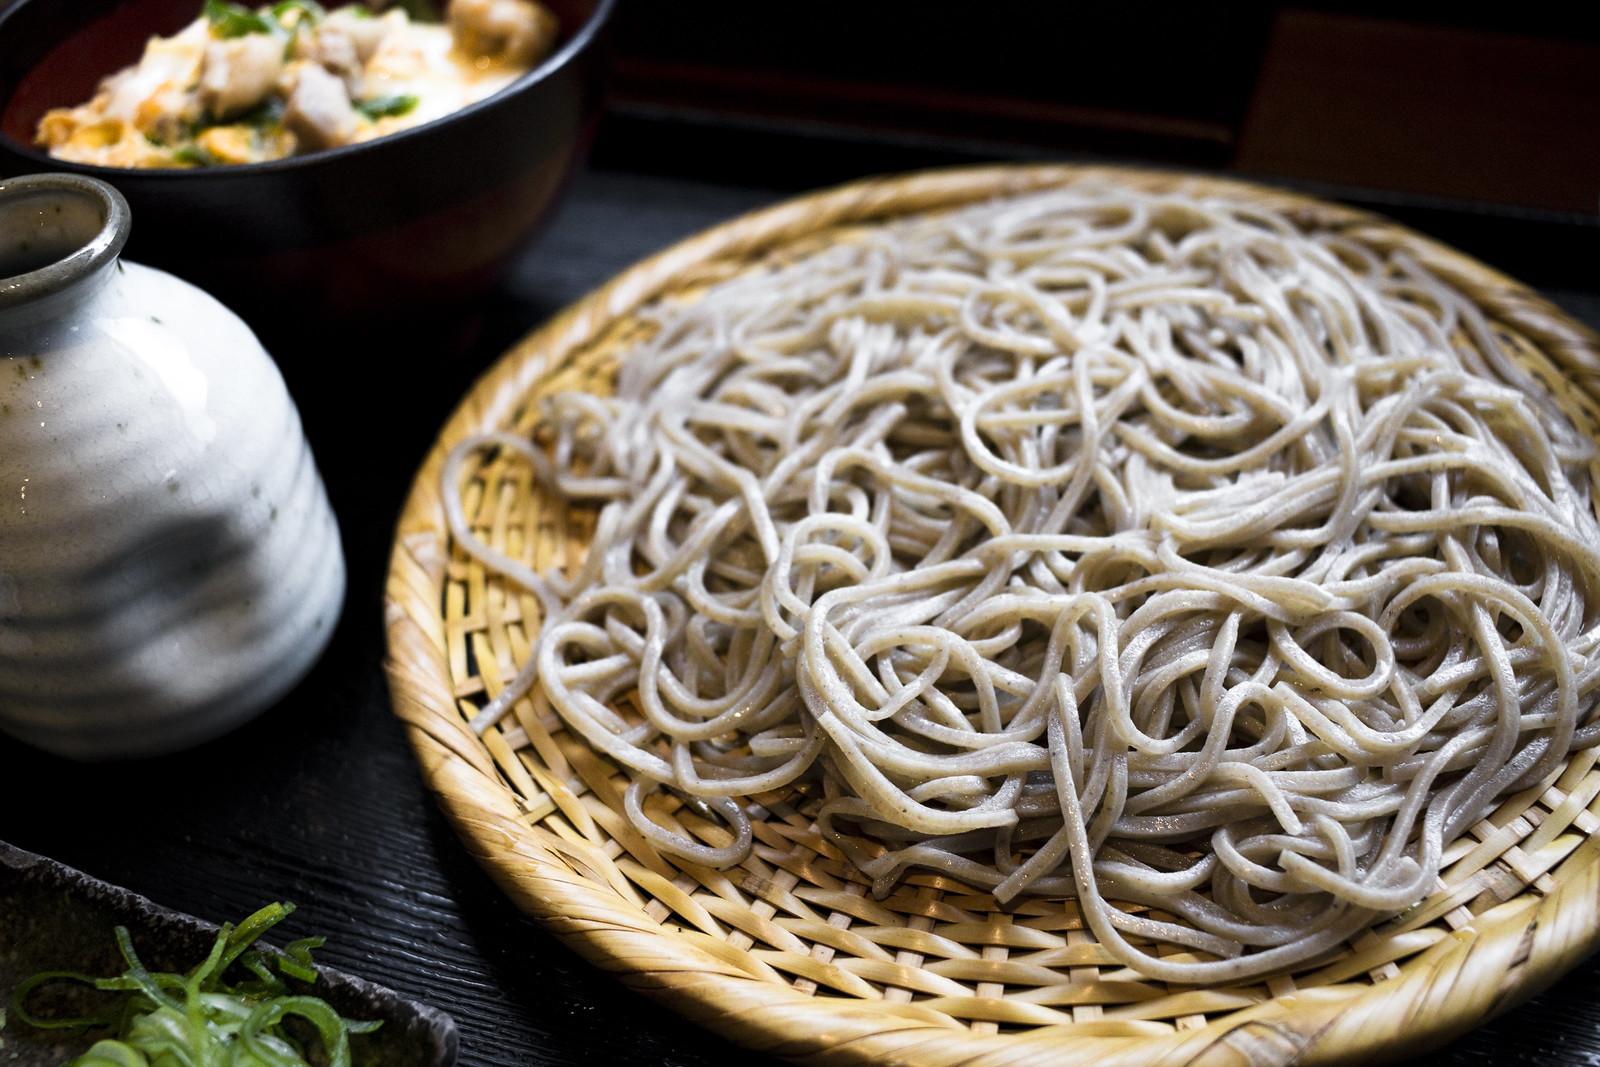 緑の麺と濃いめのつゆが魅力!藪そばの美味しい食べ方